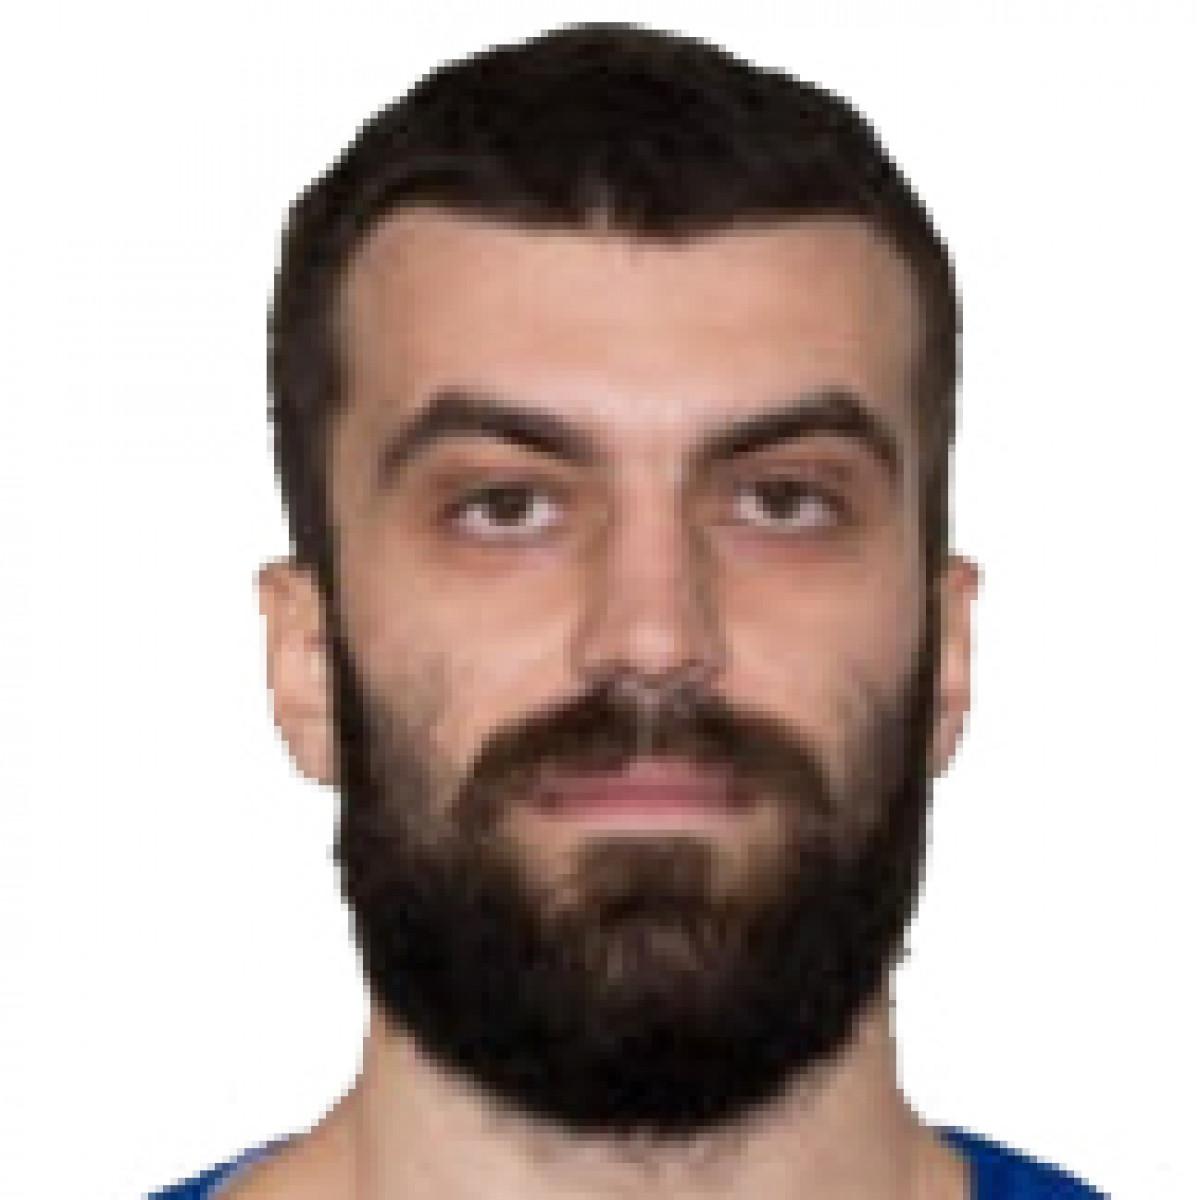 Vladimir Bulatovic